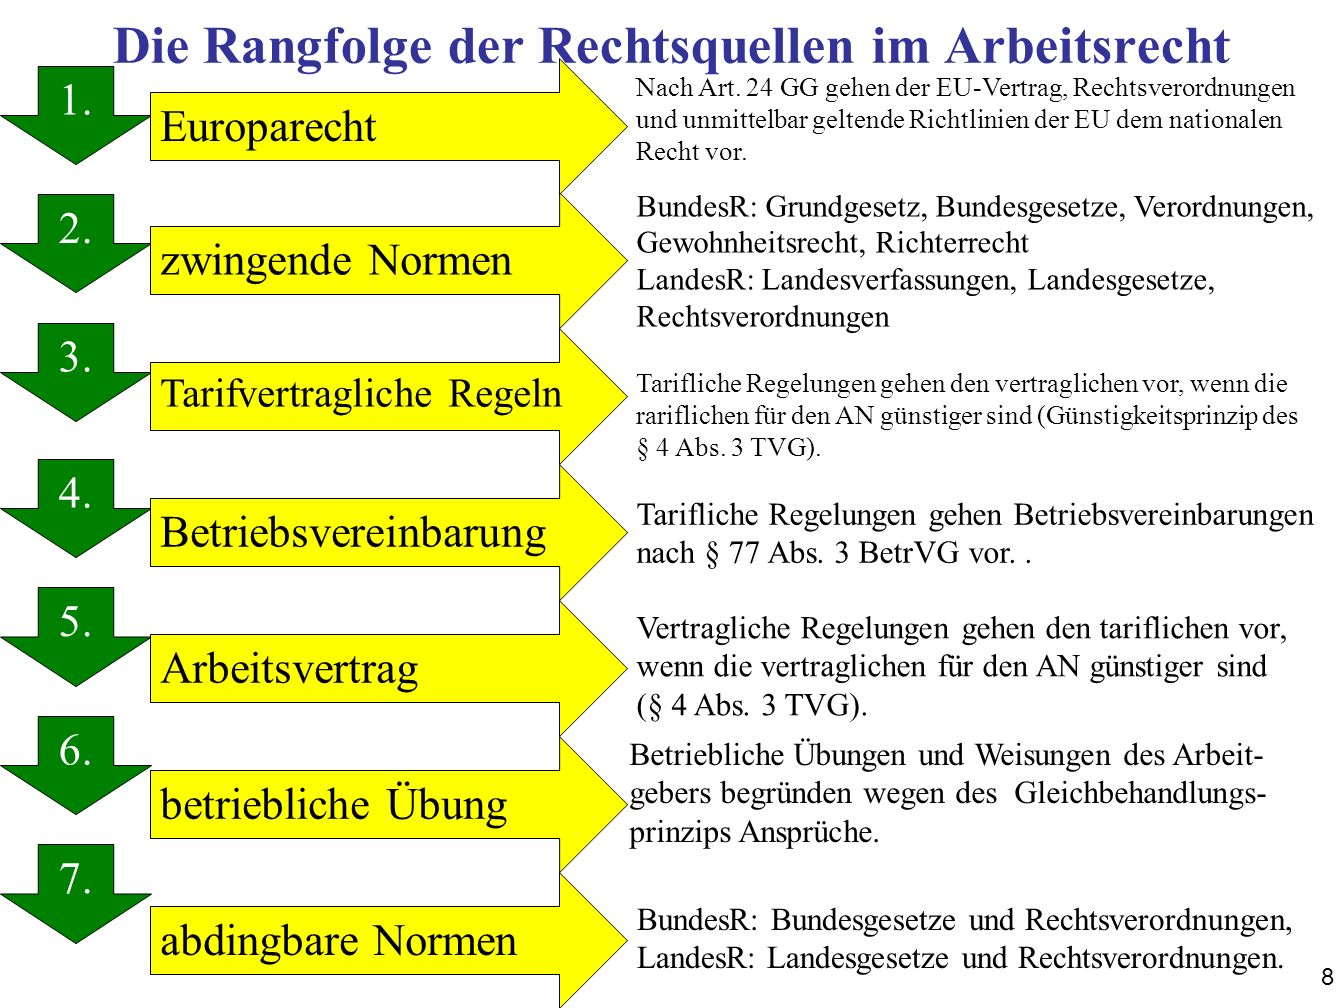 8 Die Rangfolge der Rechtsquellen im Arbeitsrecht 1. 2. 3. 4. 5. 6. 7. 1. zwingende Normen Europarecht Tarifvertragliche Regeln Betriebsvereinbarung A